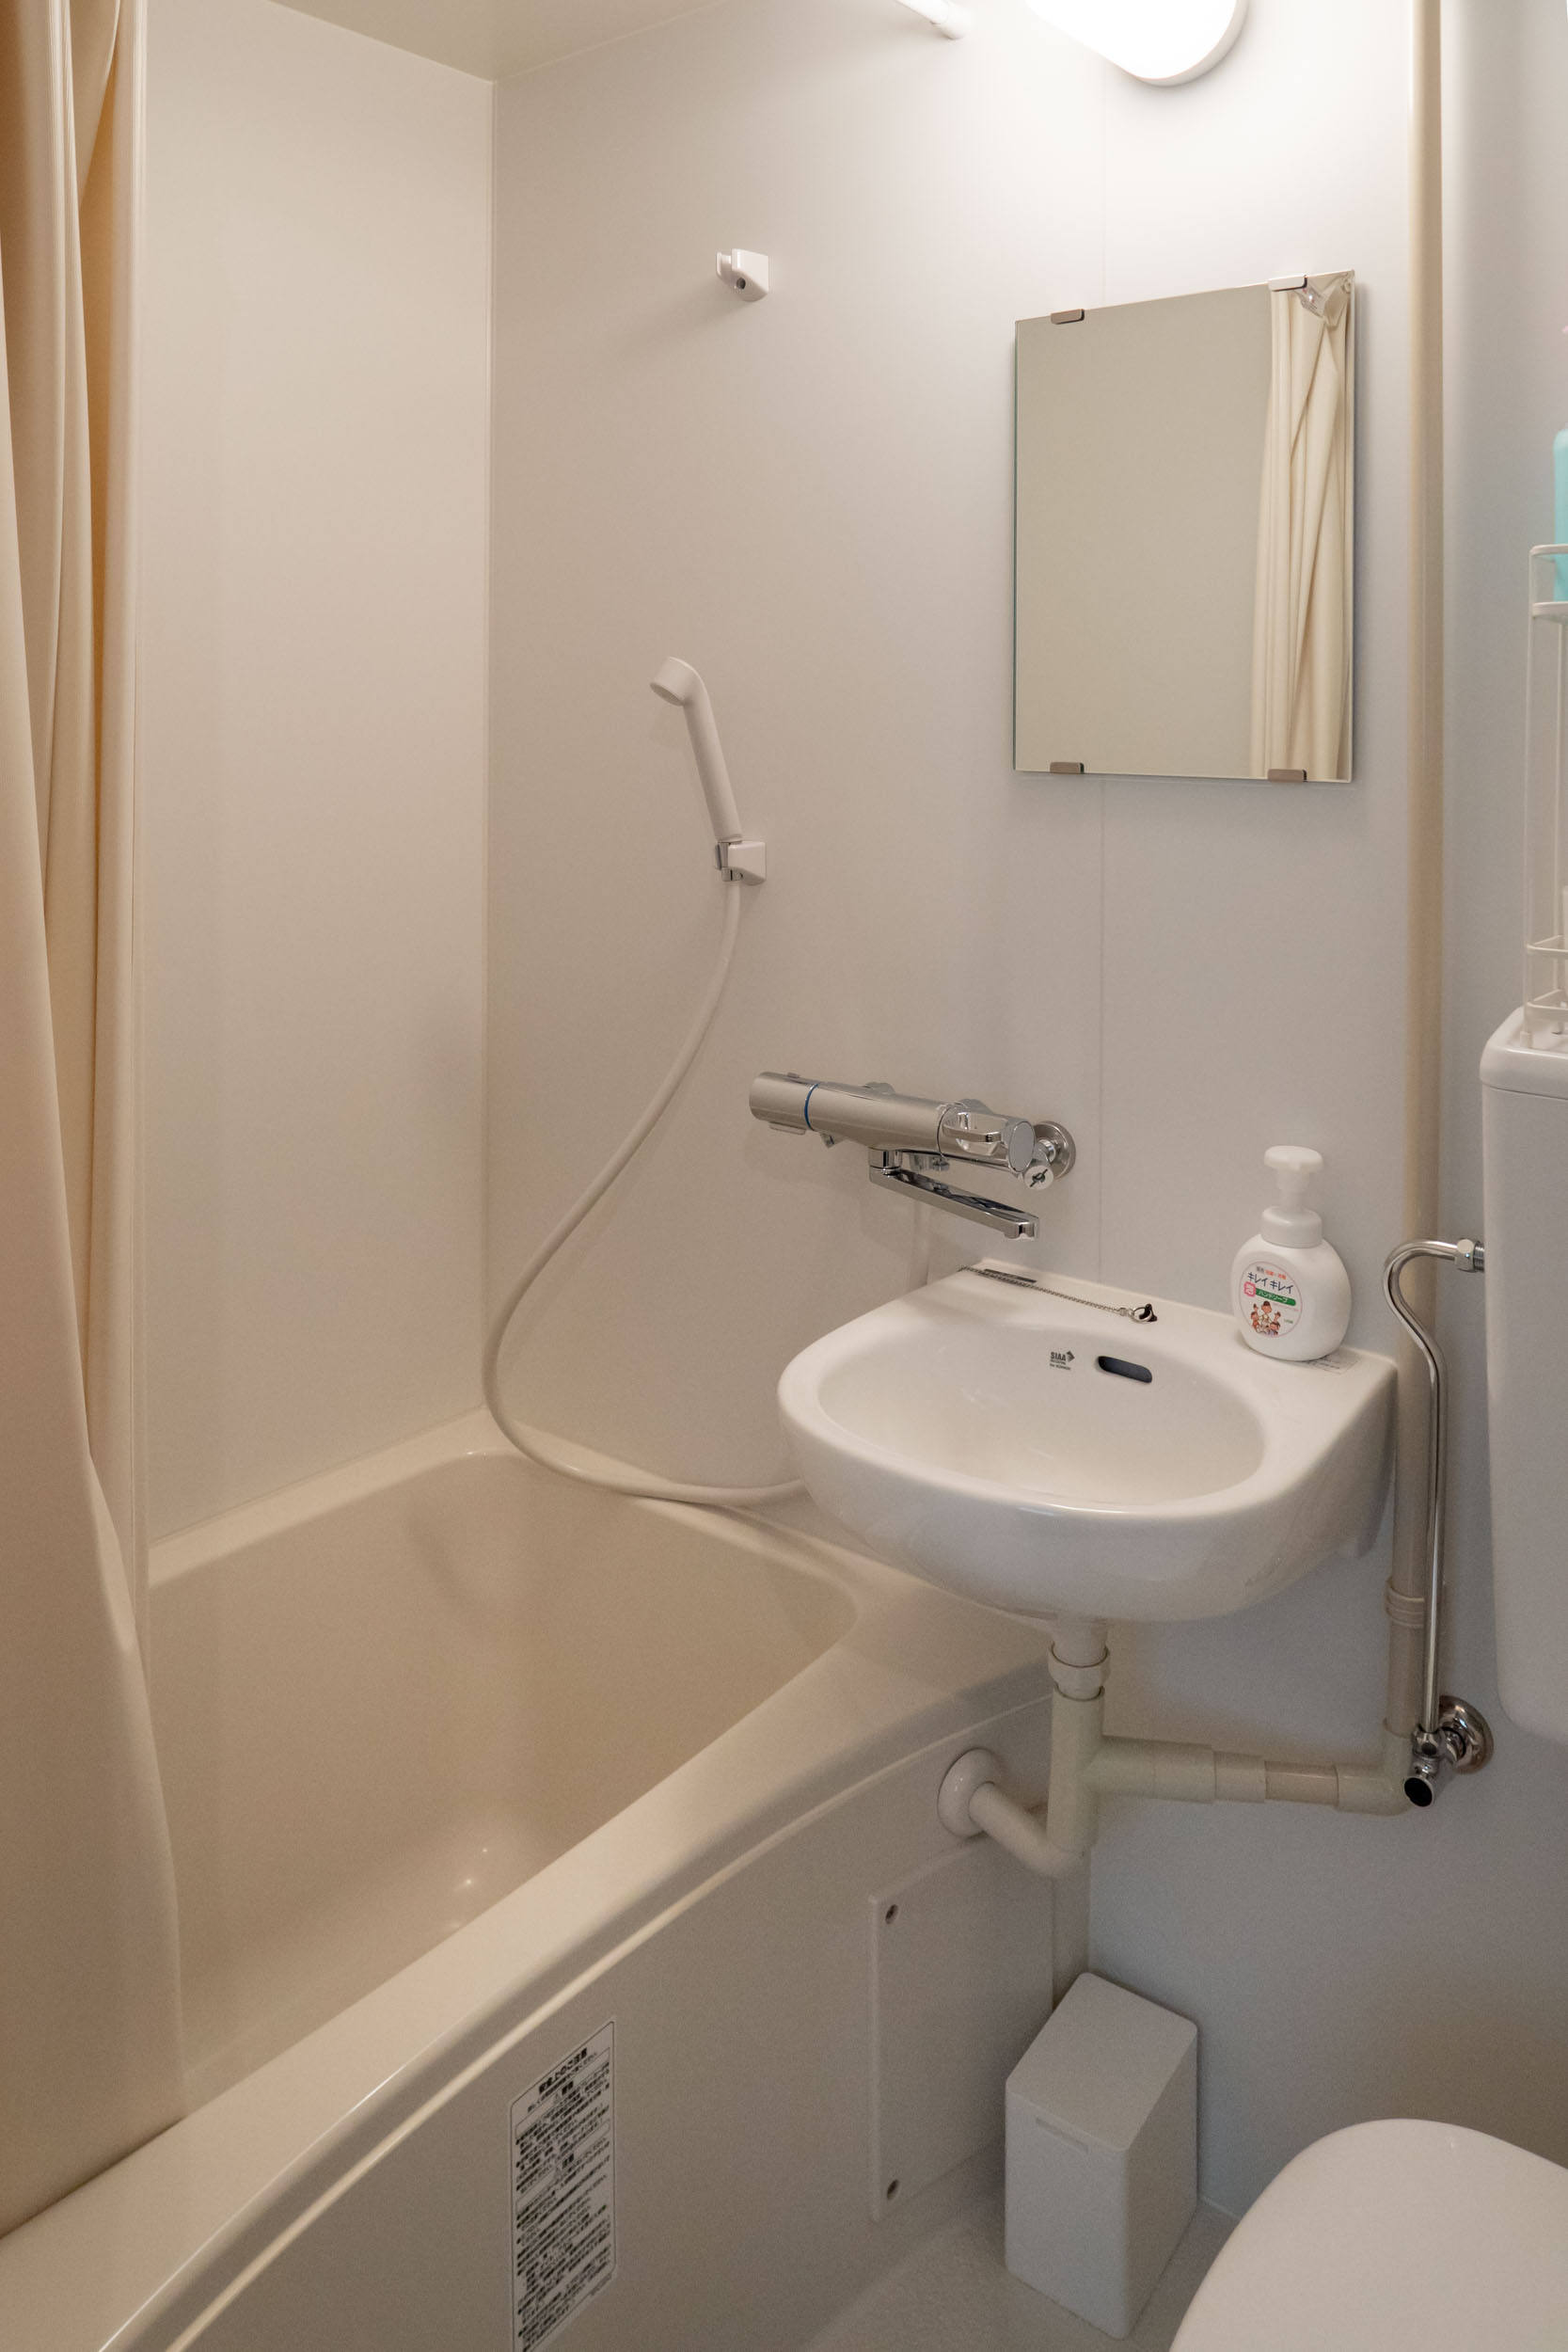 U5Rのバスルーム DMC-GX8 + LEICA DG 12-60mm